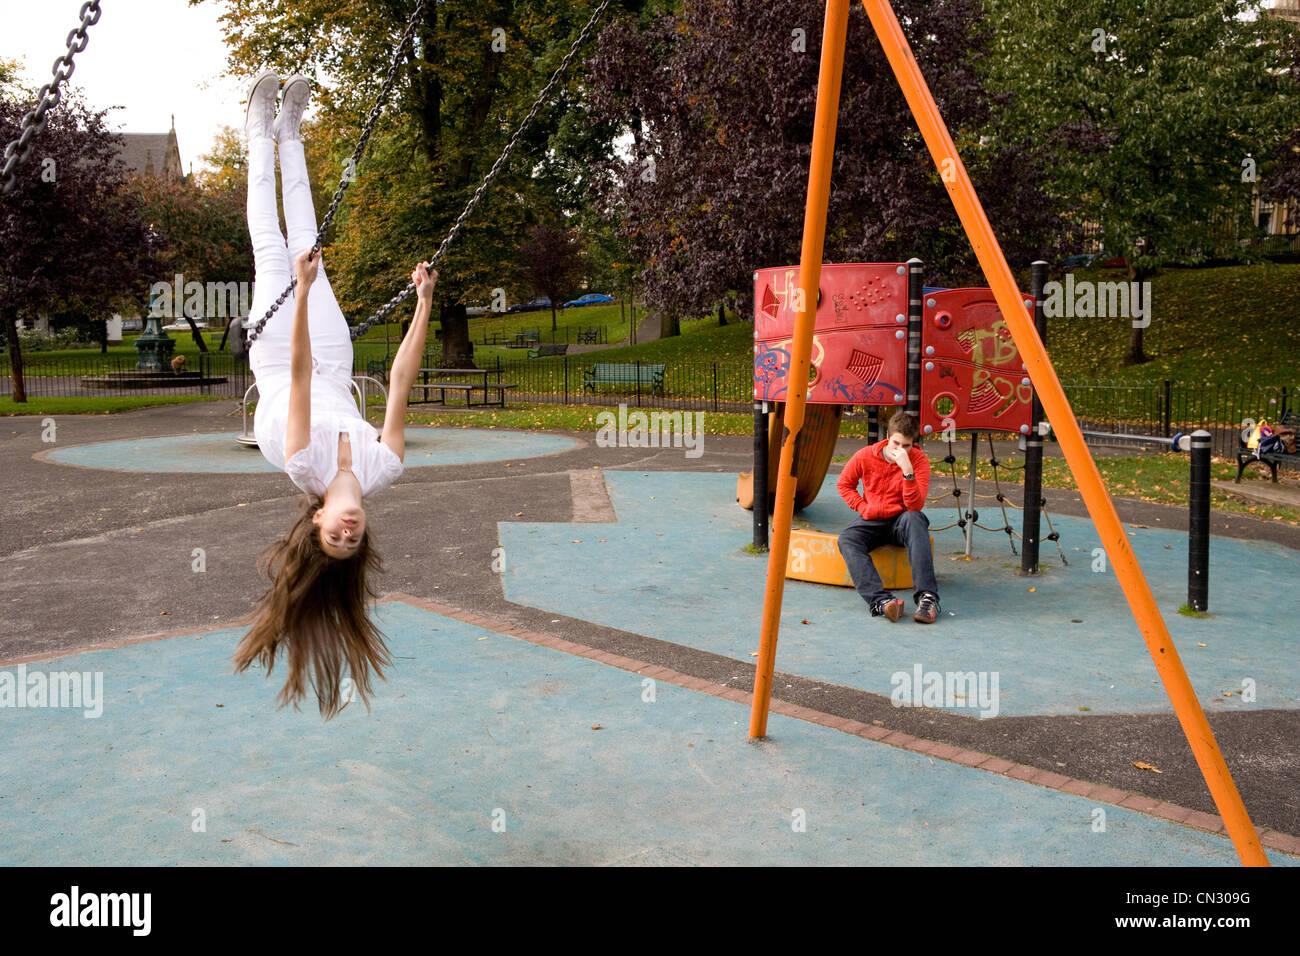 Ragazza adolescente su altalena nel parco giochi, capovolto Immagini Stock